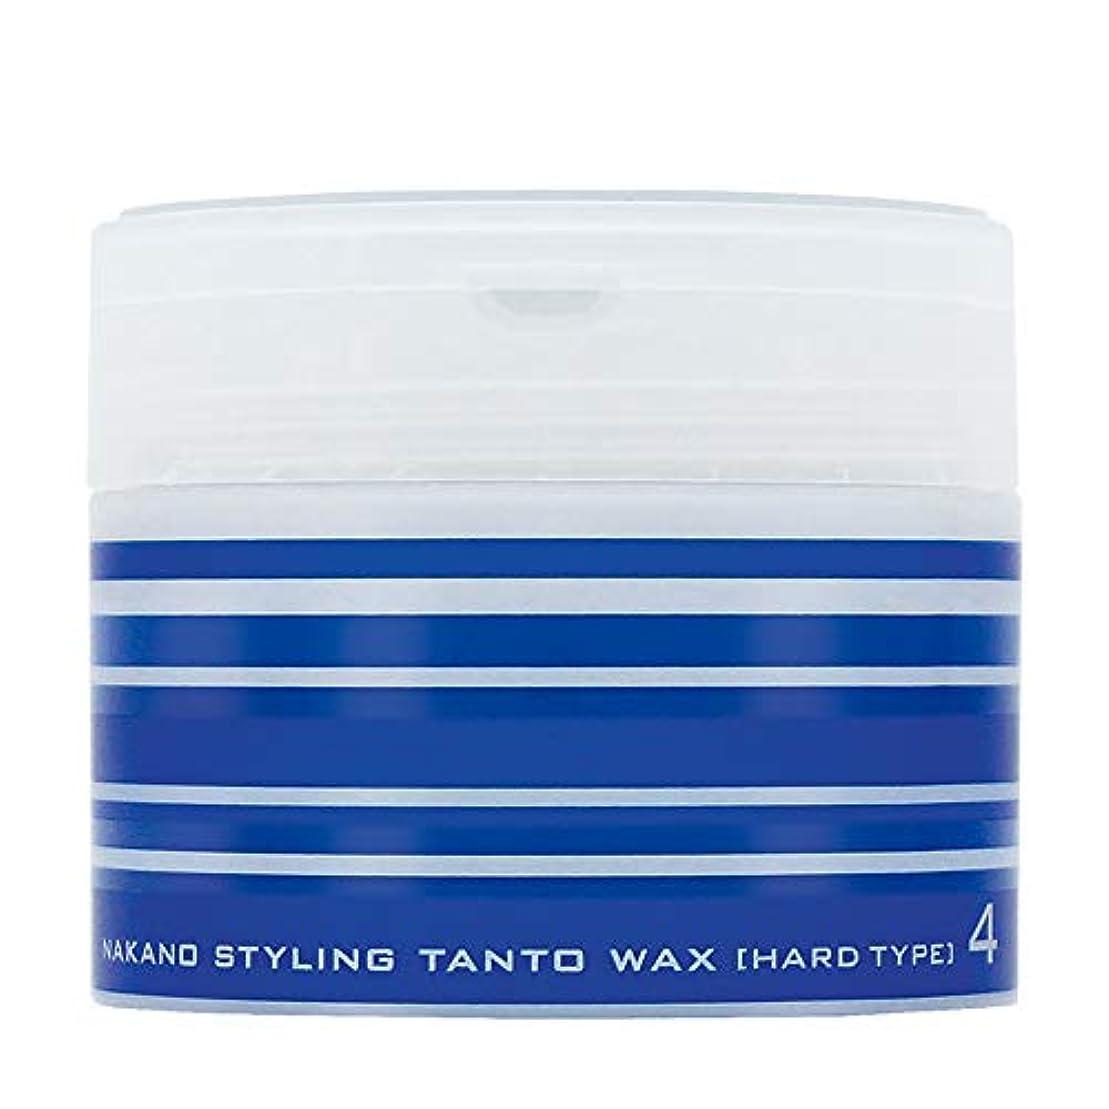 息切れ対応するゲートウェイナカノ スタイリングタントN ワックス4 ハード